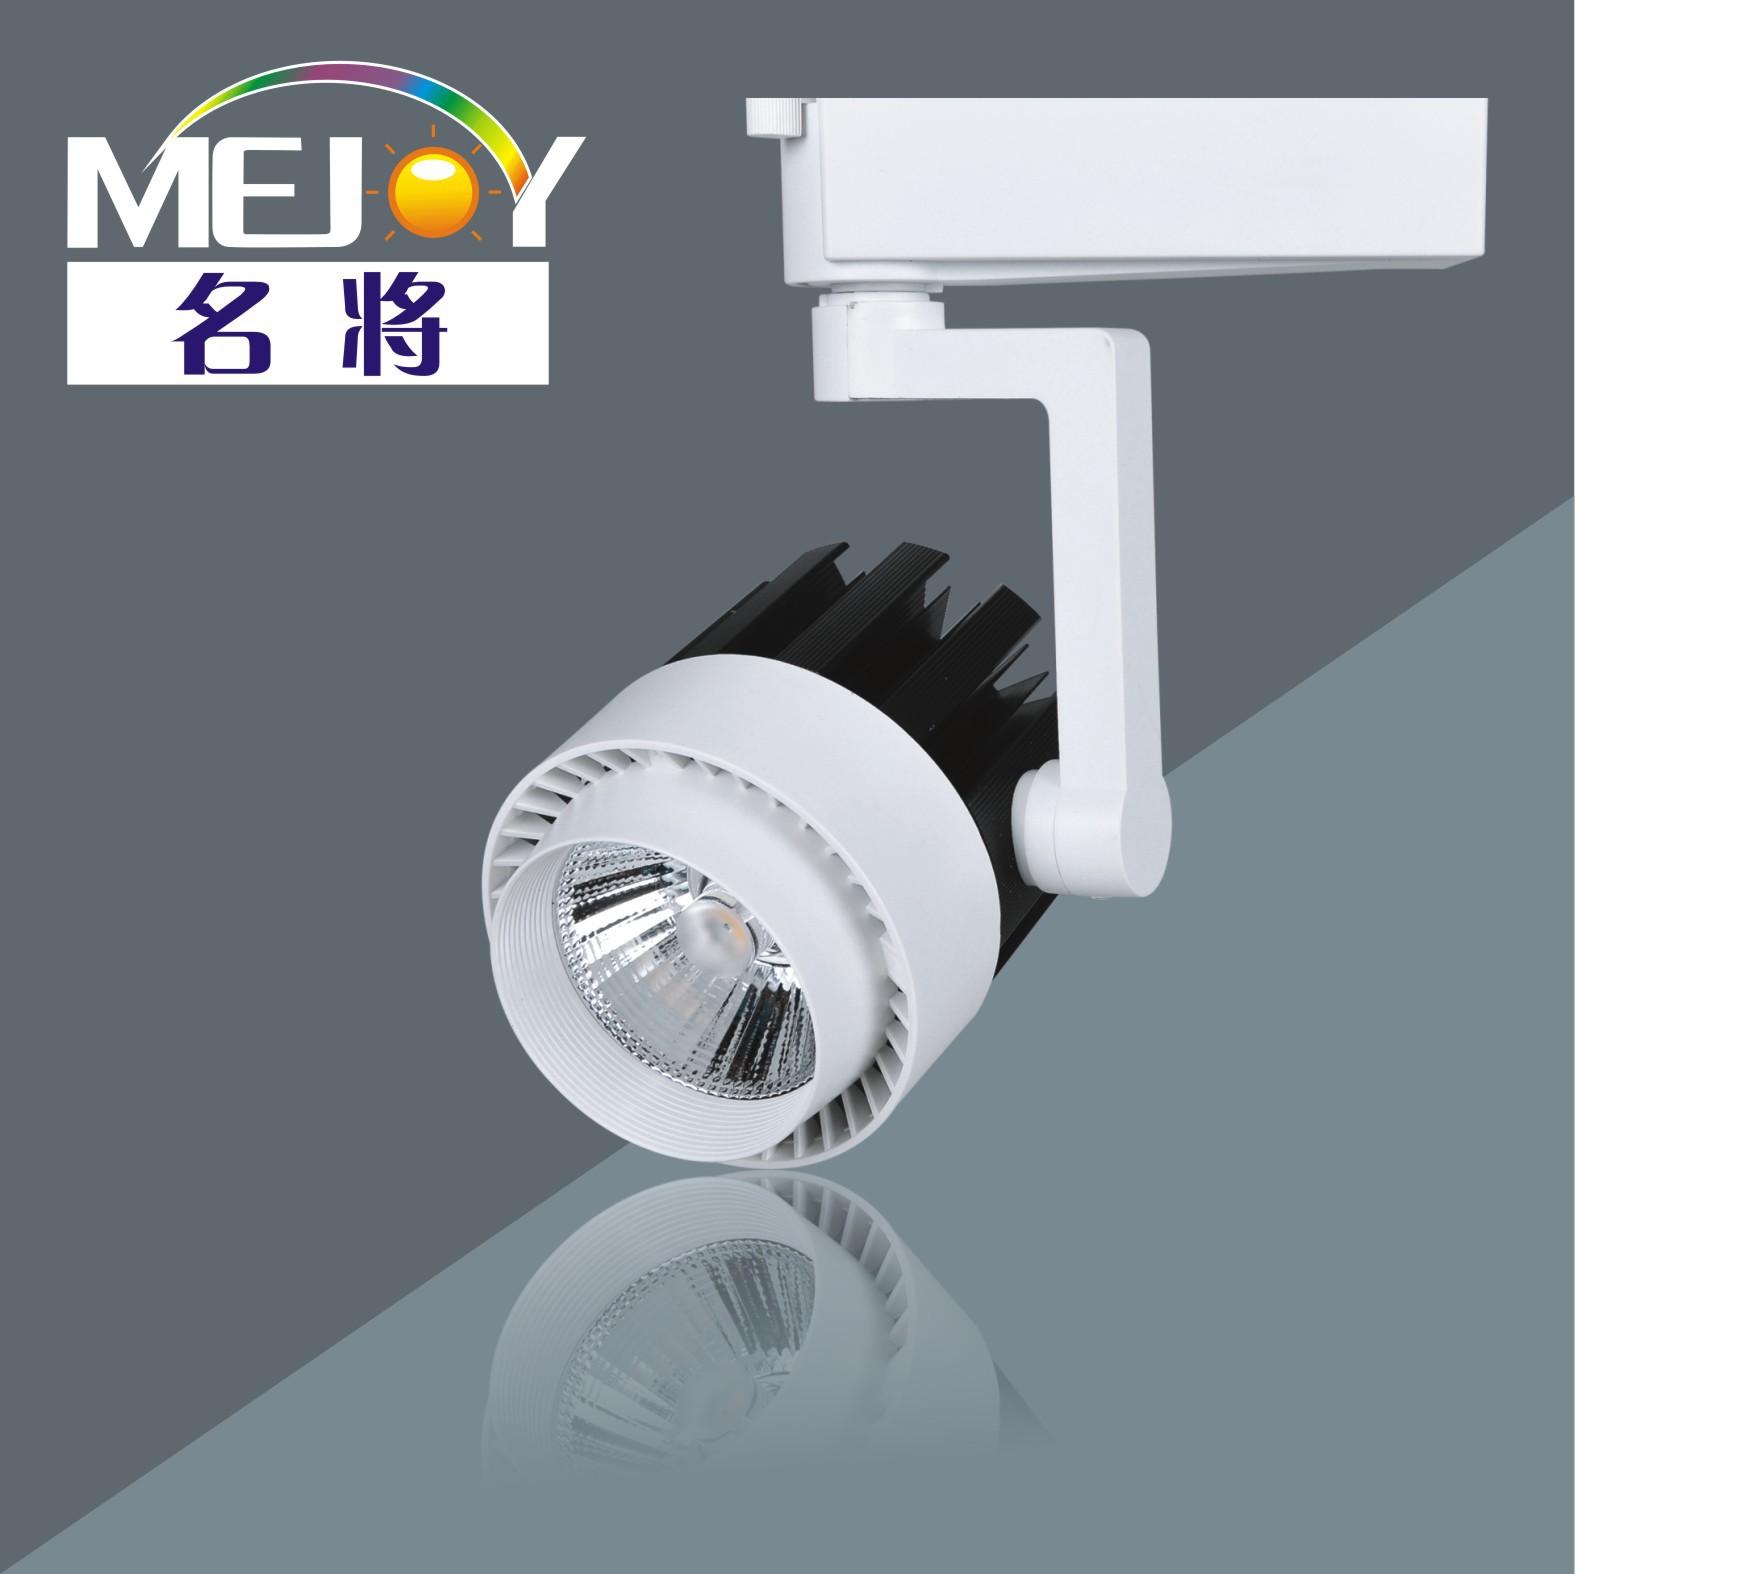 Đèn LED treo chiếu sáng , thiết kế đơn giản .